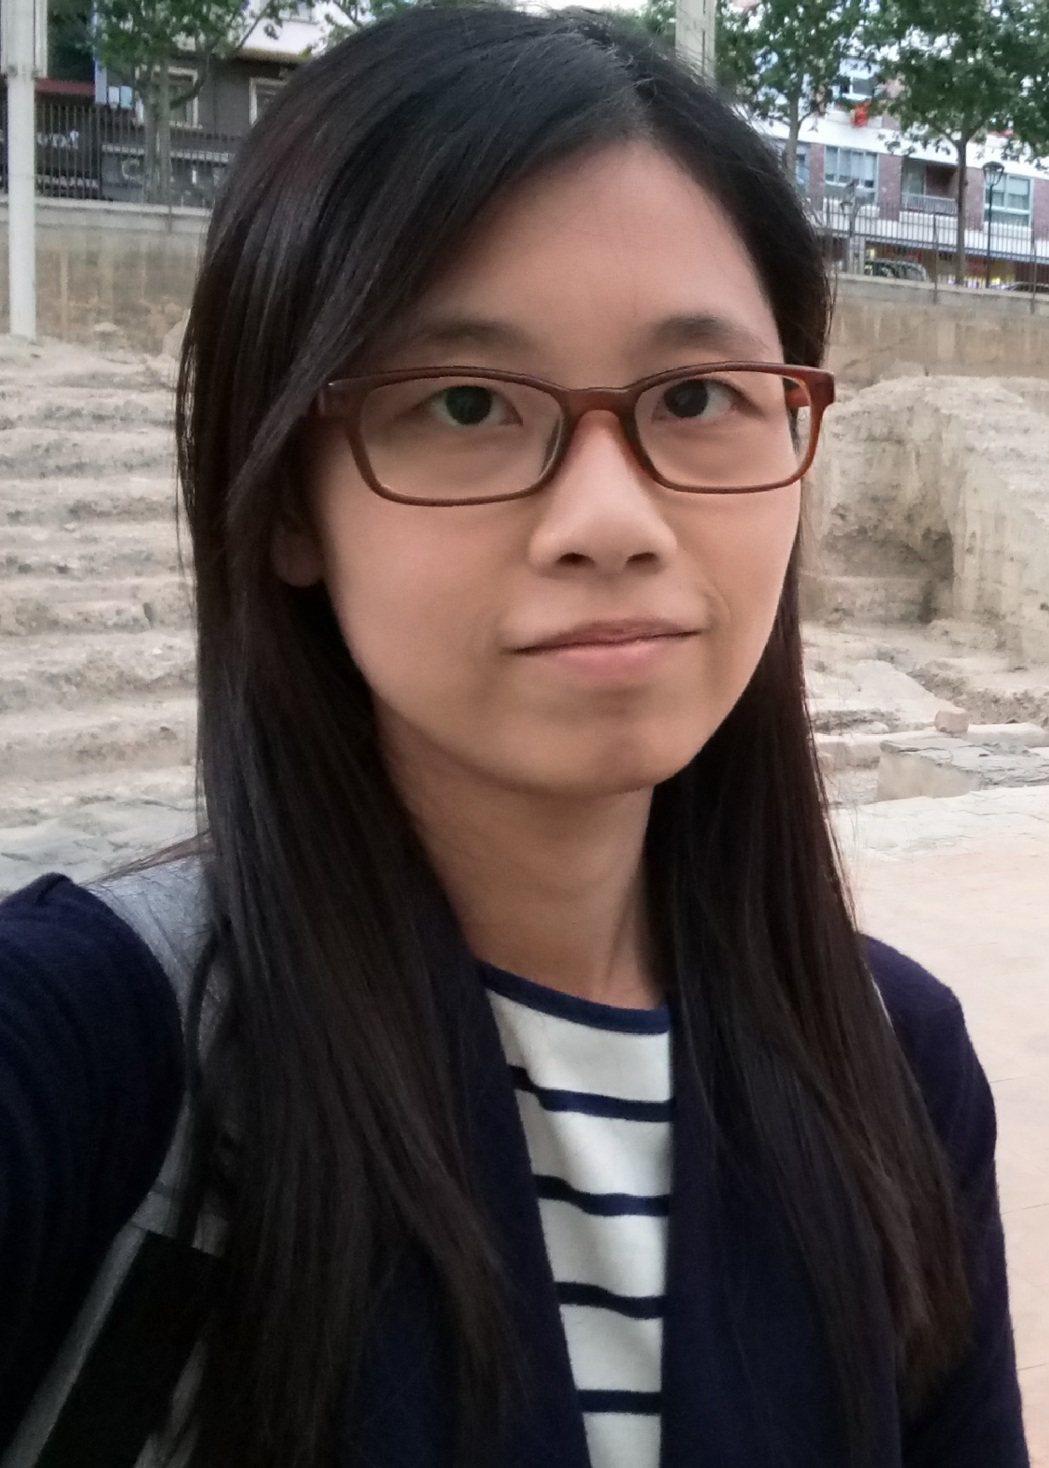 海大潘惠娟專案助理研究員 海大/提供